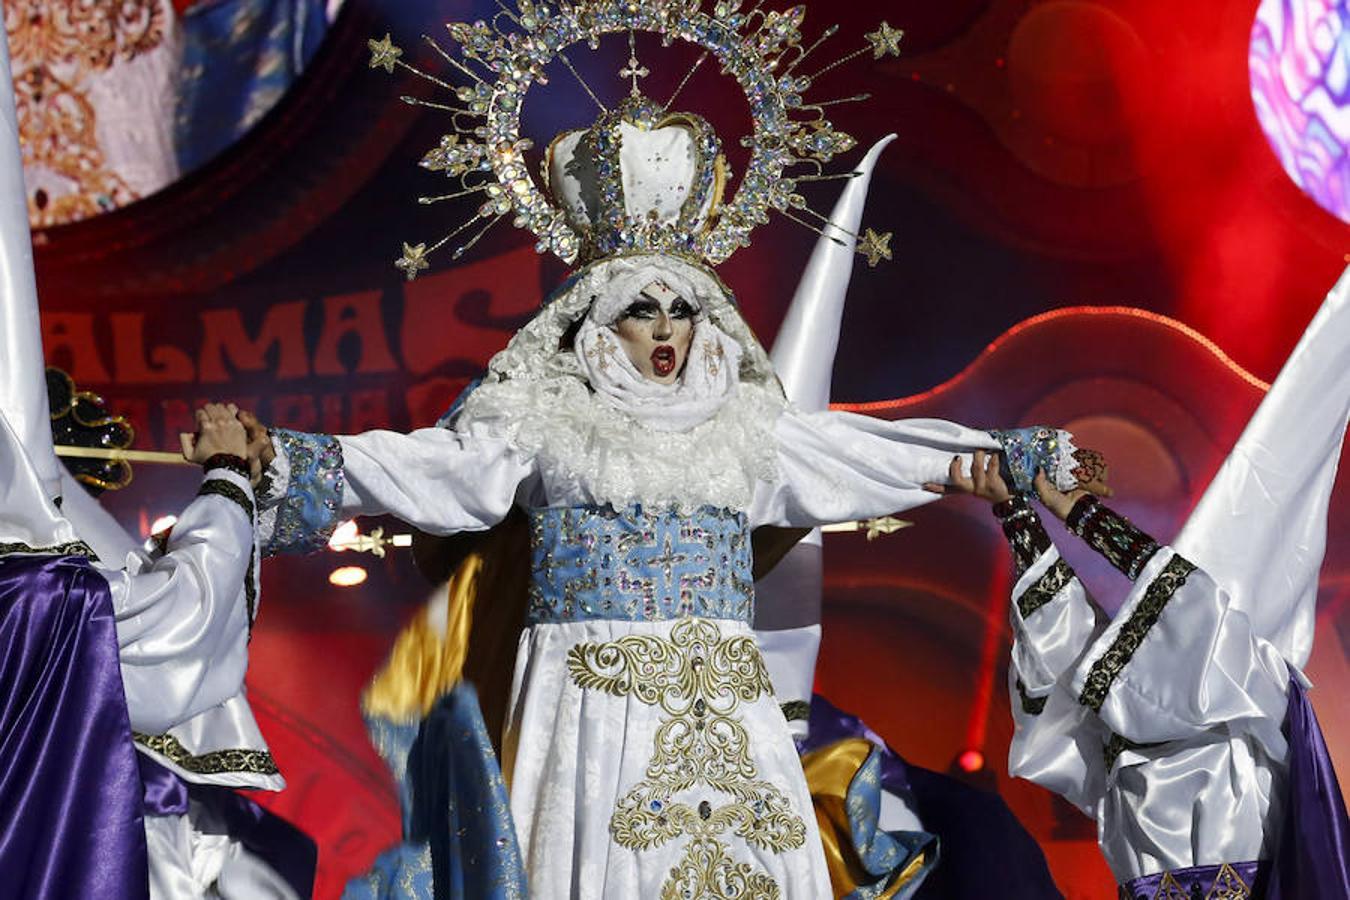 Drag Sethlas, con la fantasía «¡Mi cielo yo no hago milagros. Que sea lo que Dios quiera», ha ganado el concurso Drag del Carnaval de la Eterna Primavera, esta noche en el Parque de Santa Catalina de Las Palmas de Gran Canaria.